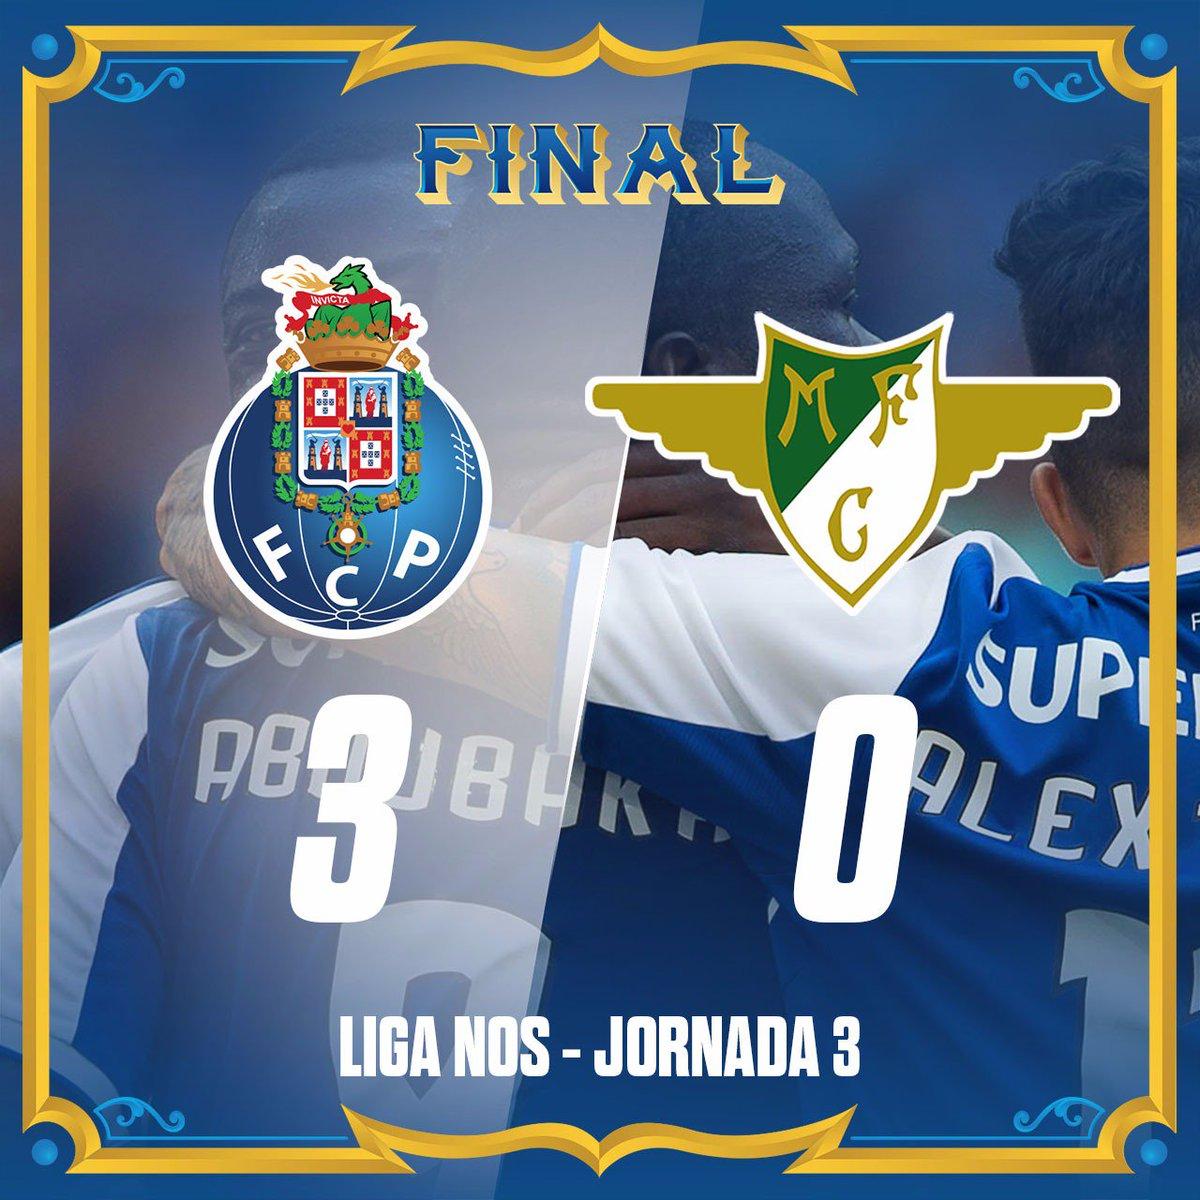 Marcadores dos golos/ Scorers/ Marcadores de los goles  18' [1-0] Aboubakar ⚽ 22' [2-0] Aboubakar ⚽ 77' [3-0] Aboubakar ⚽  #FCPorto #FCPMFC